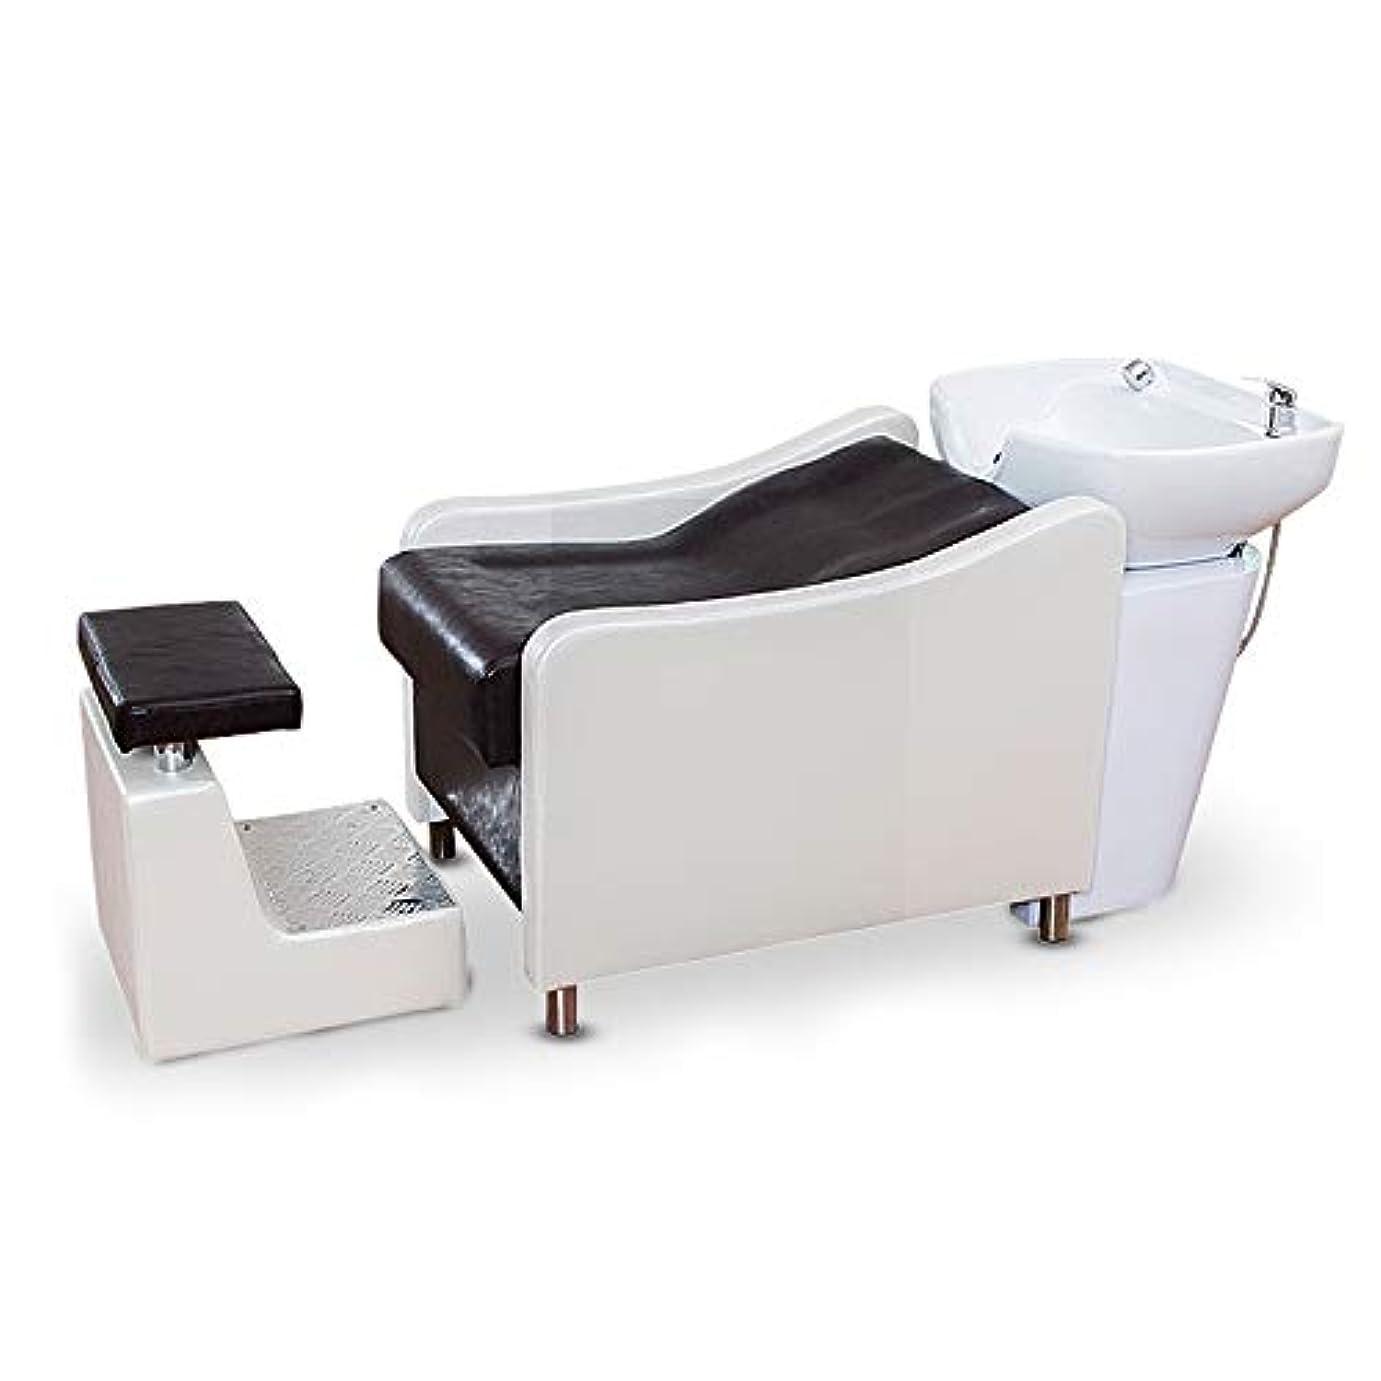 昼寝関係アラブシャンプーチェア、洗顔ユニットシャンプーボウル理髪シンクチェア、スパエステサロン設備(ホワイト)